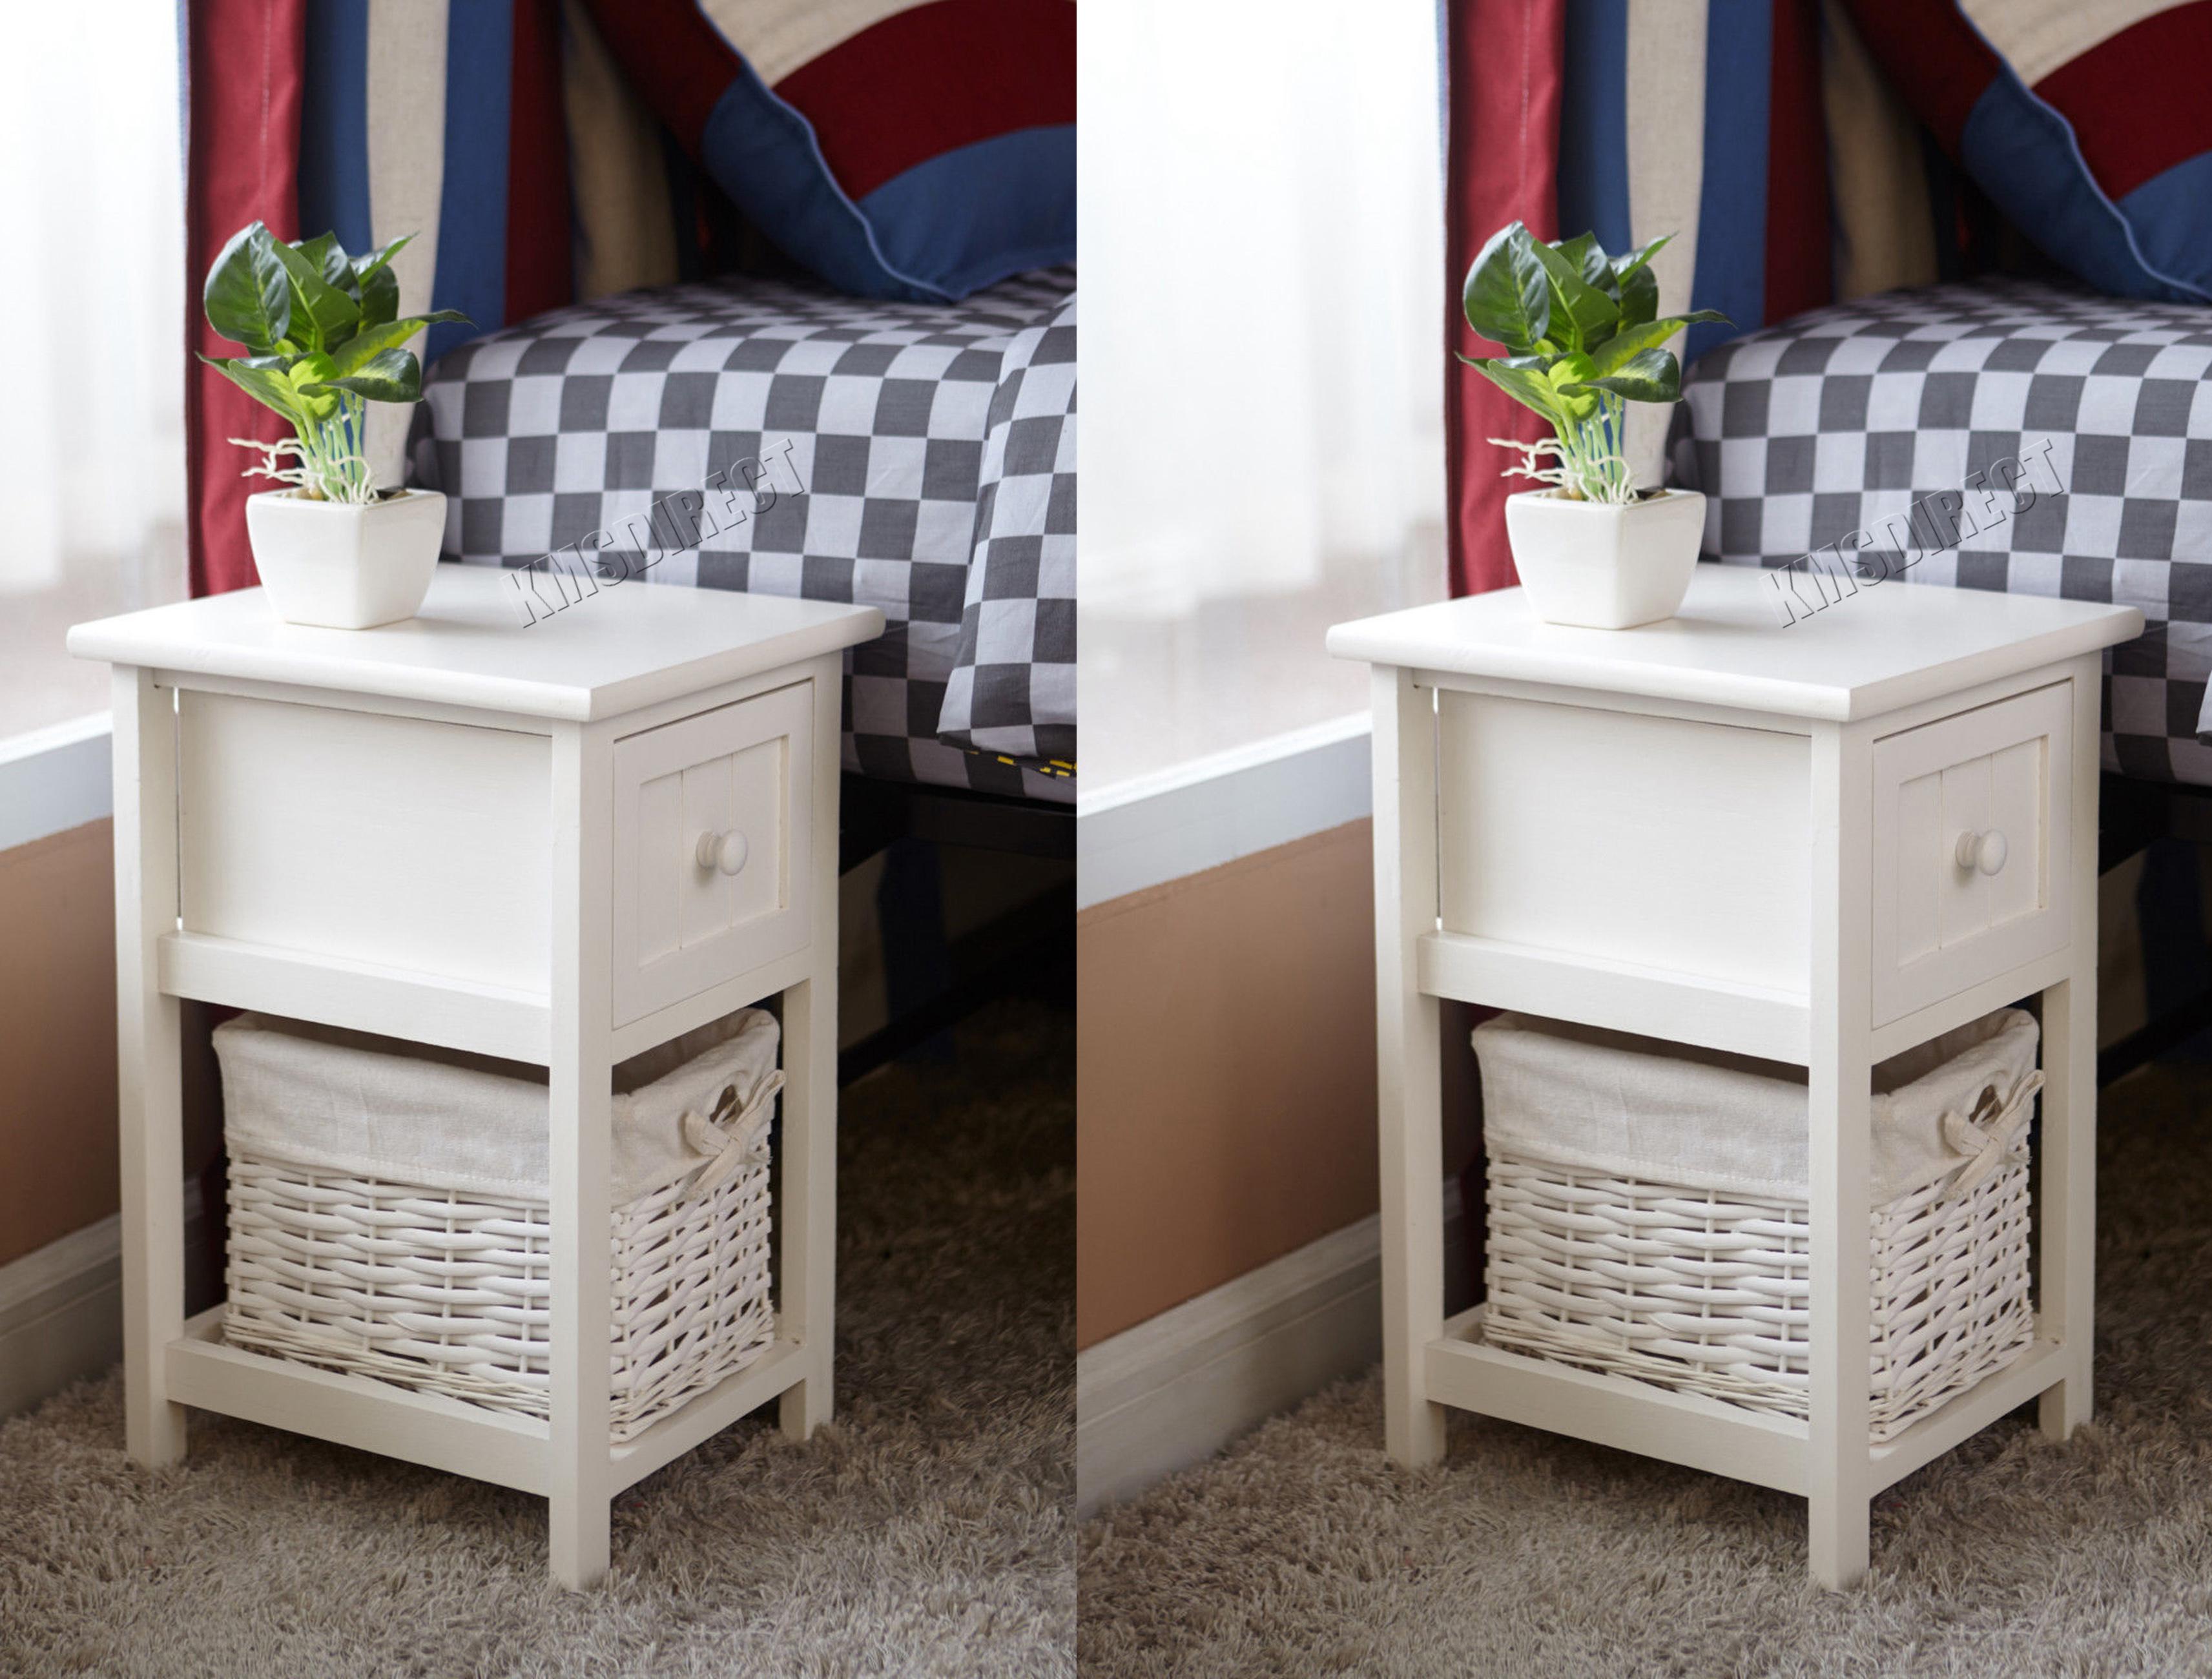 Westwood table de chevet unit avec panier en osier x tiroir stockage chambre ebay - Chevet avec panier osier ...